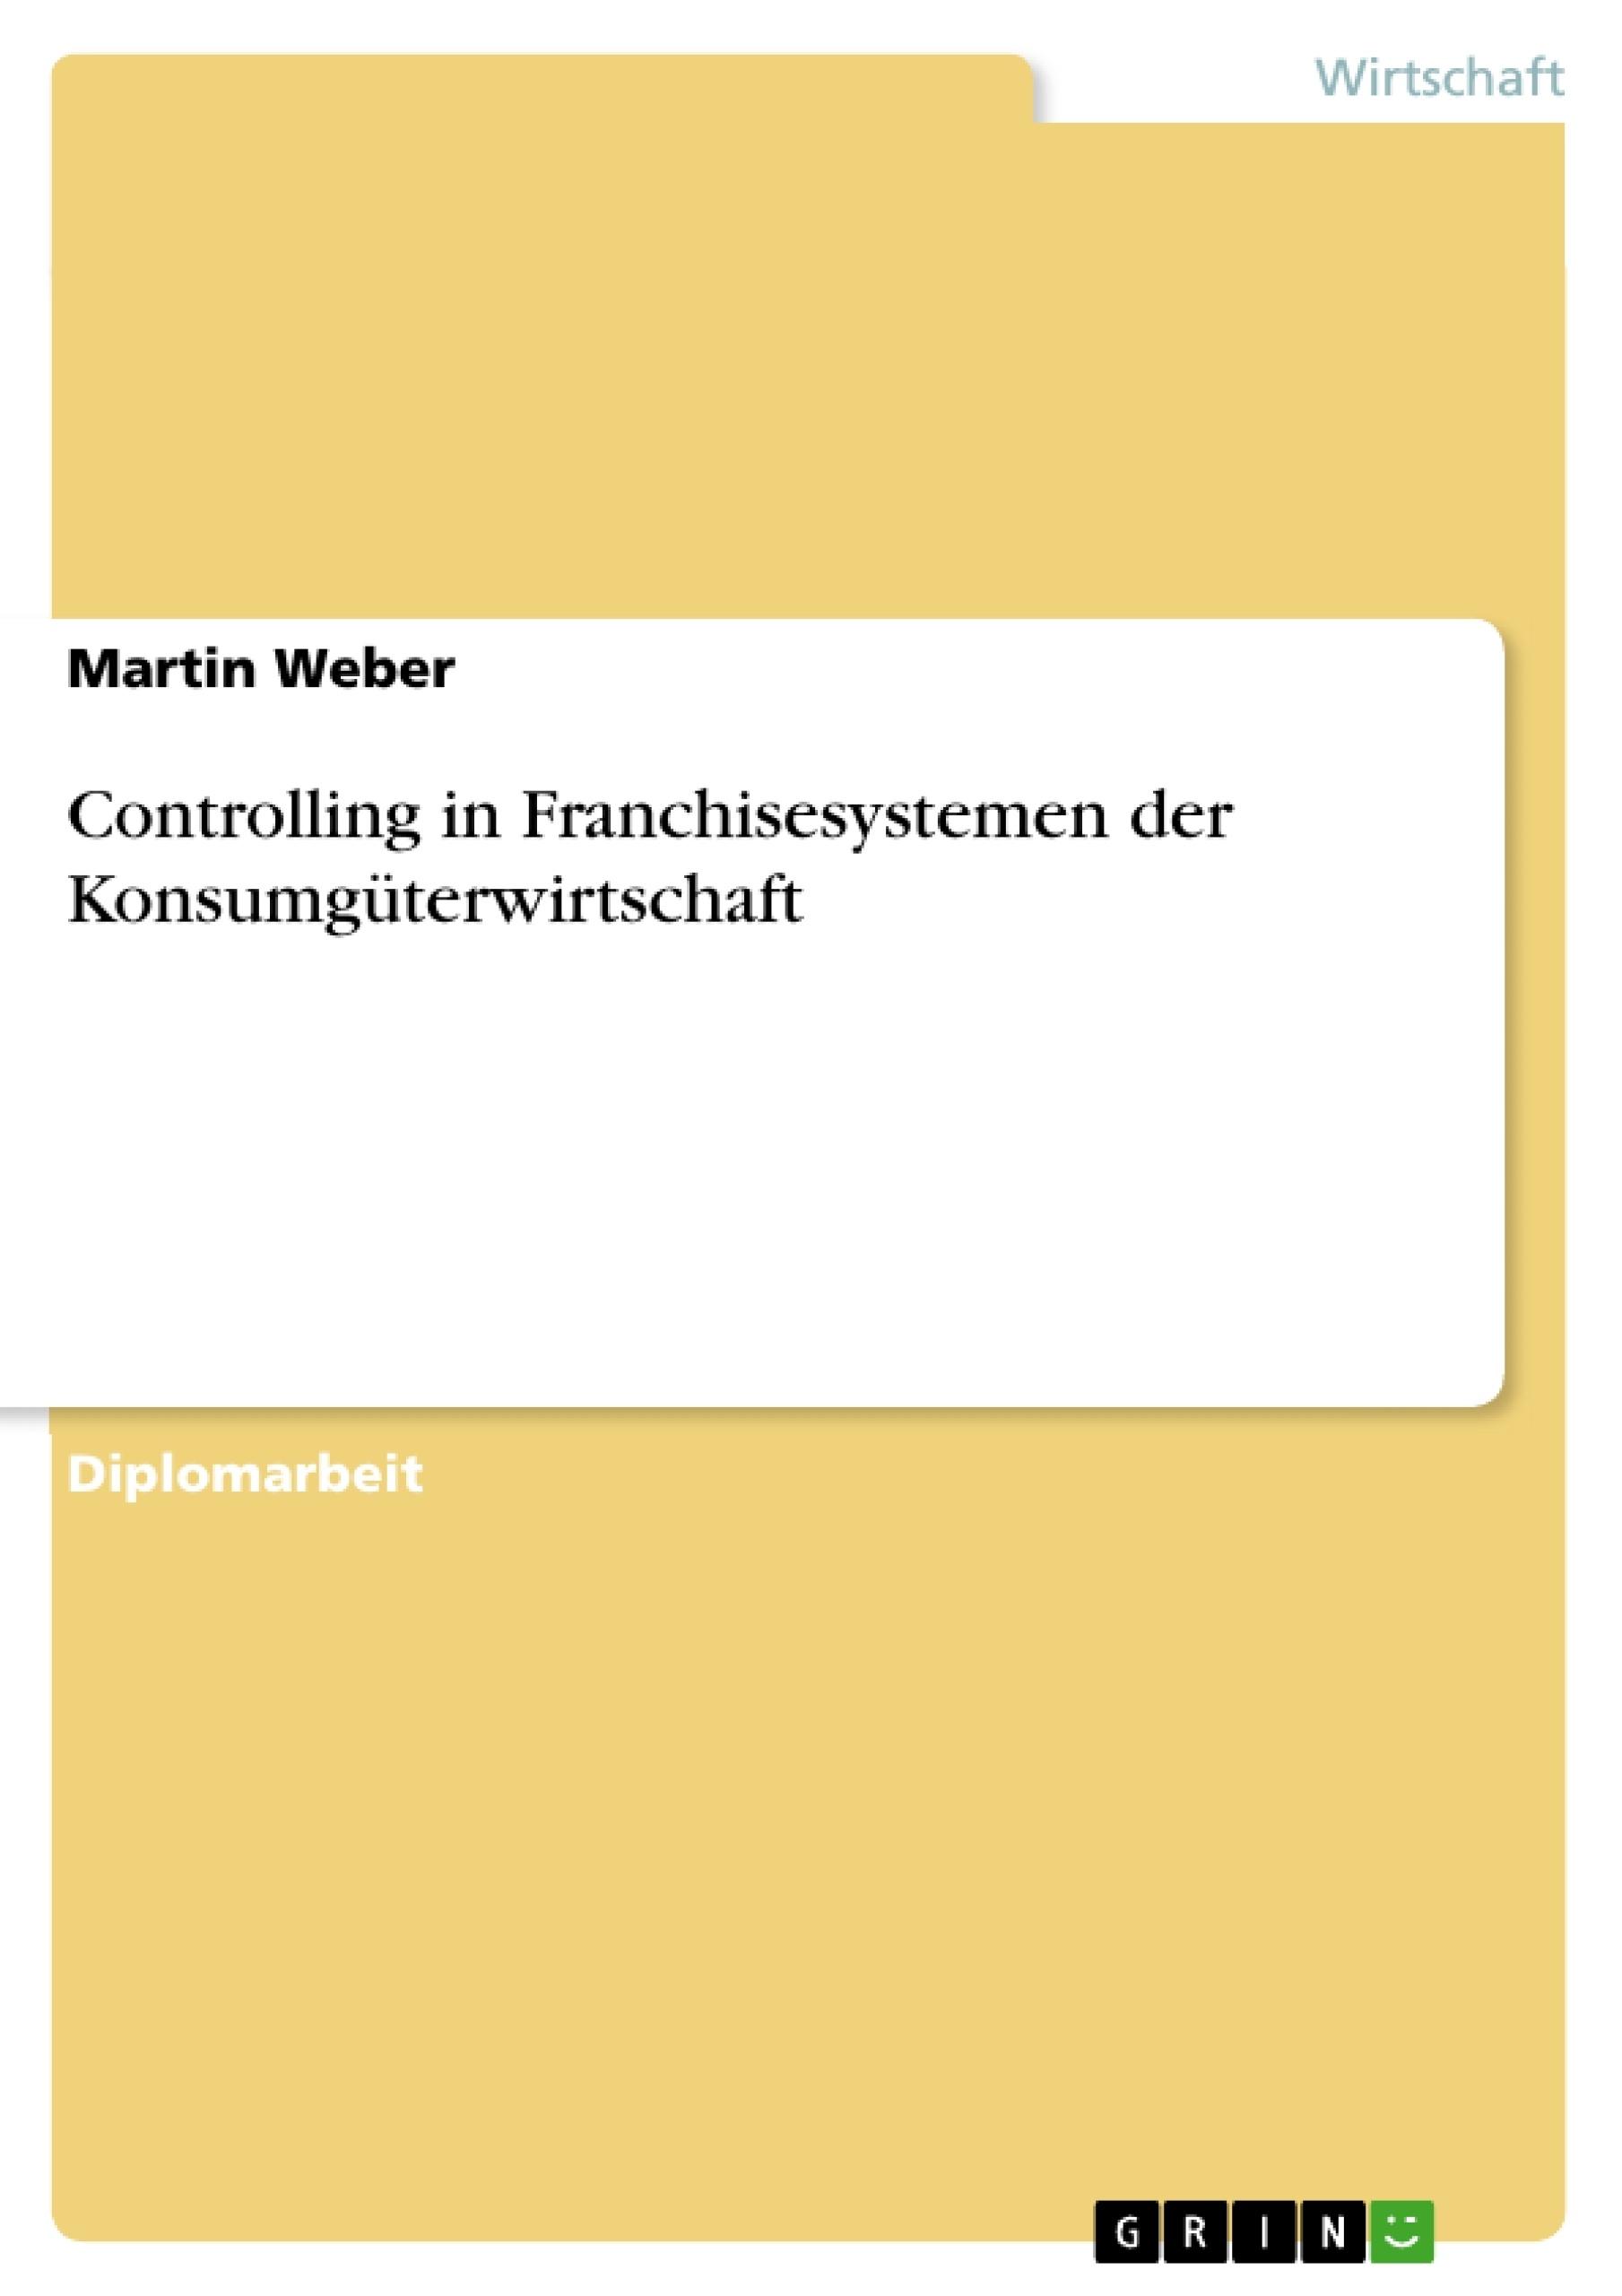 Titel: Controlling in Franchisesystemen der Konsumgüterwirtschaft